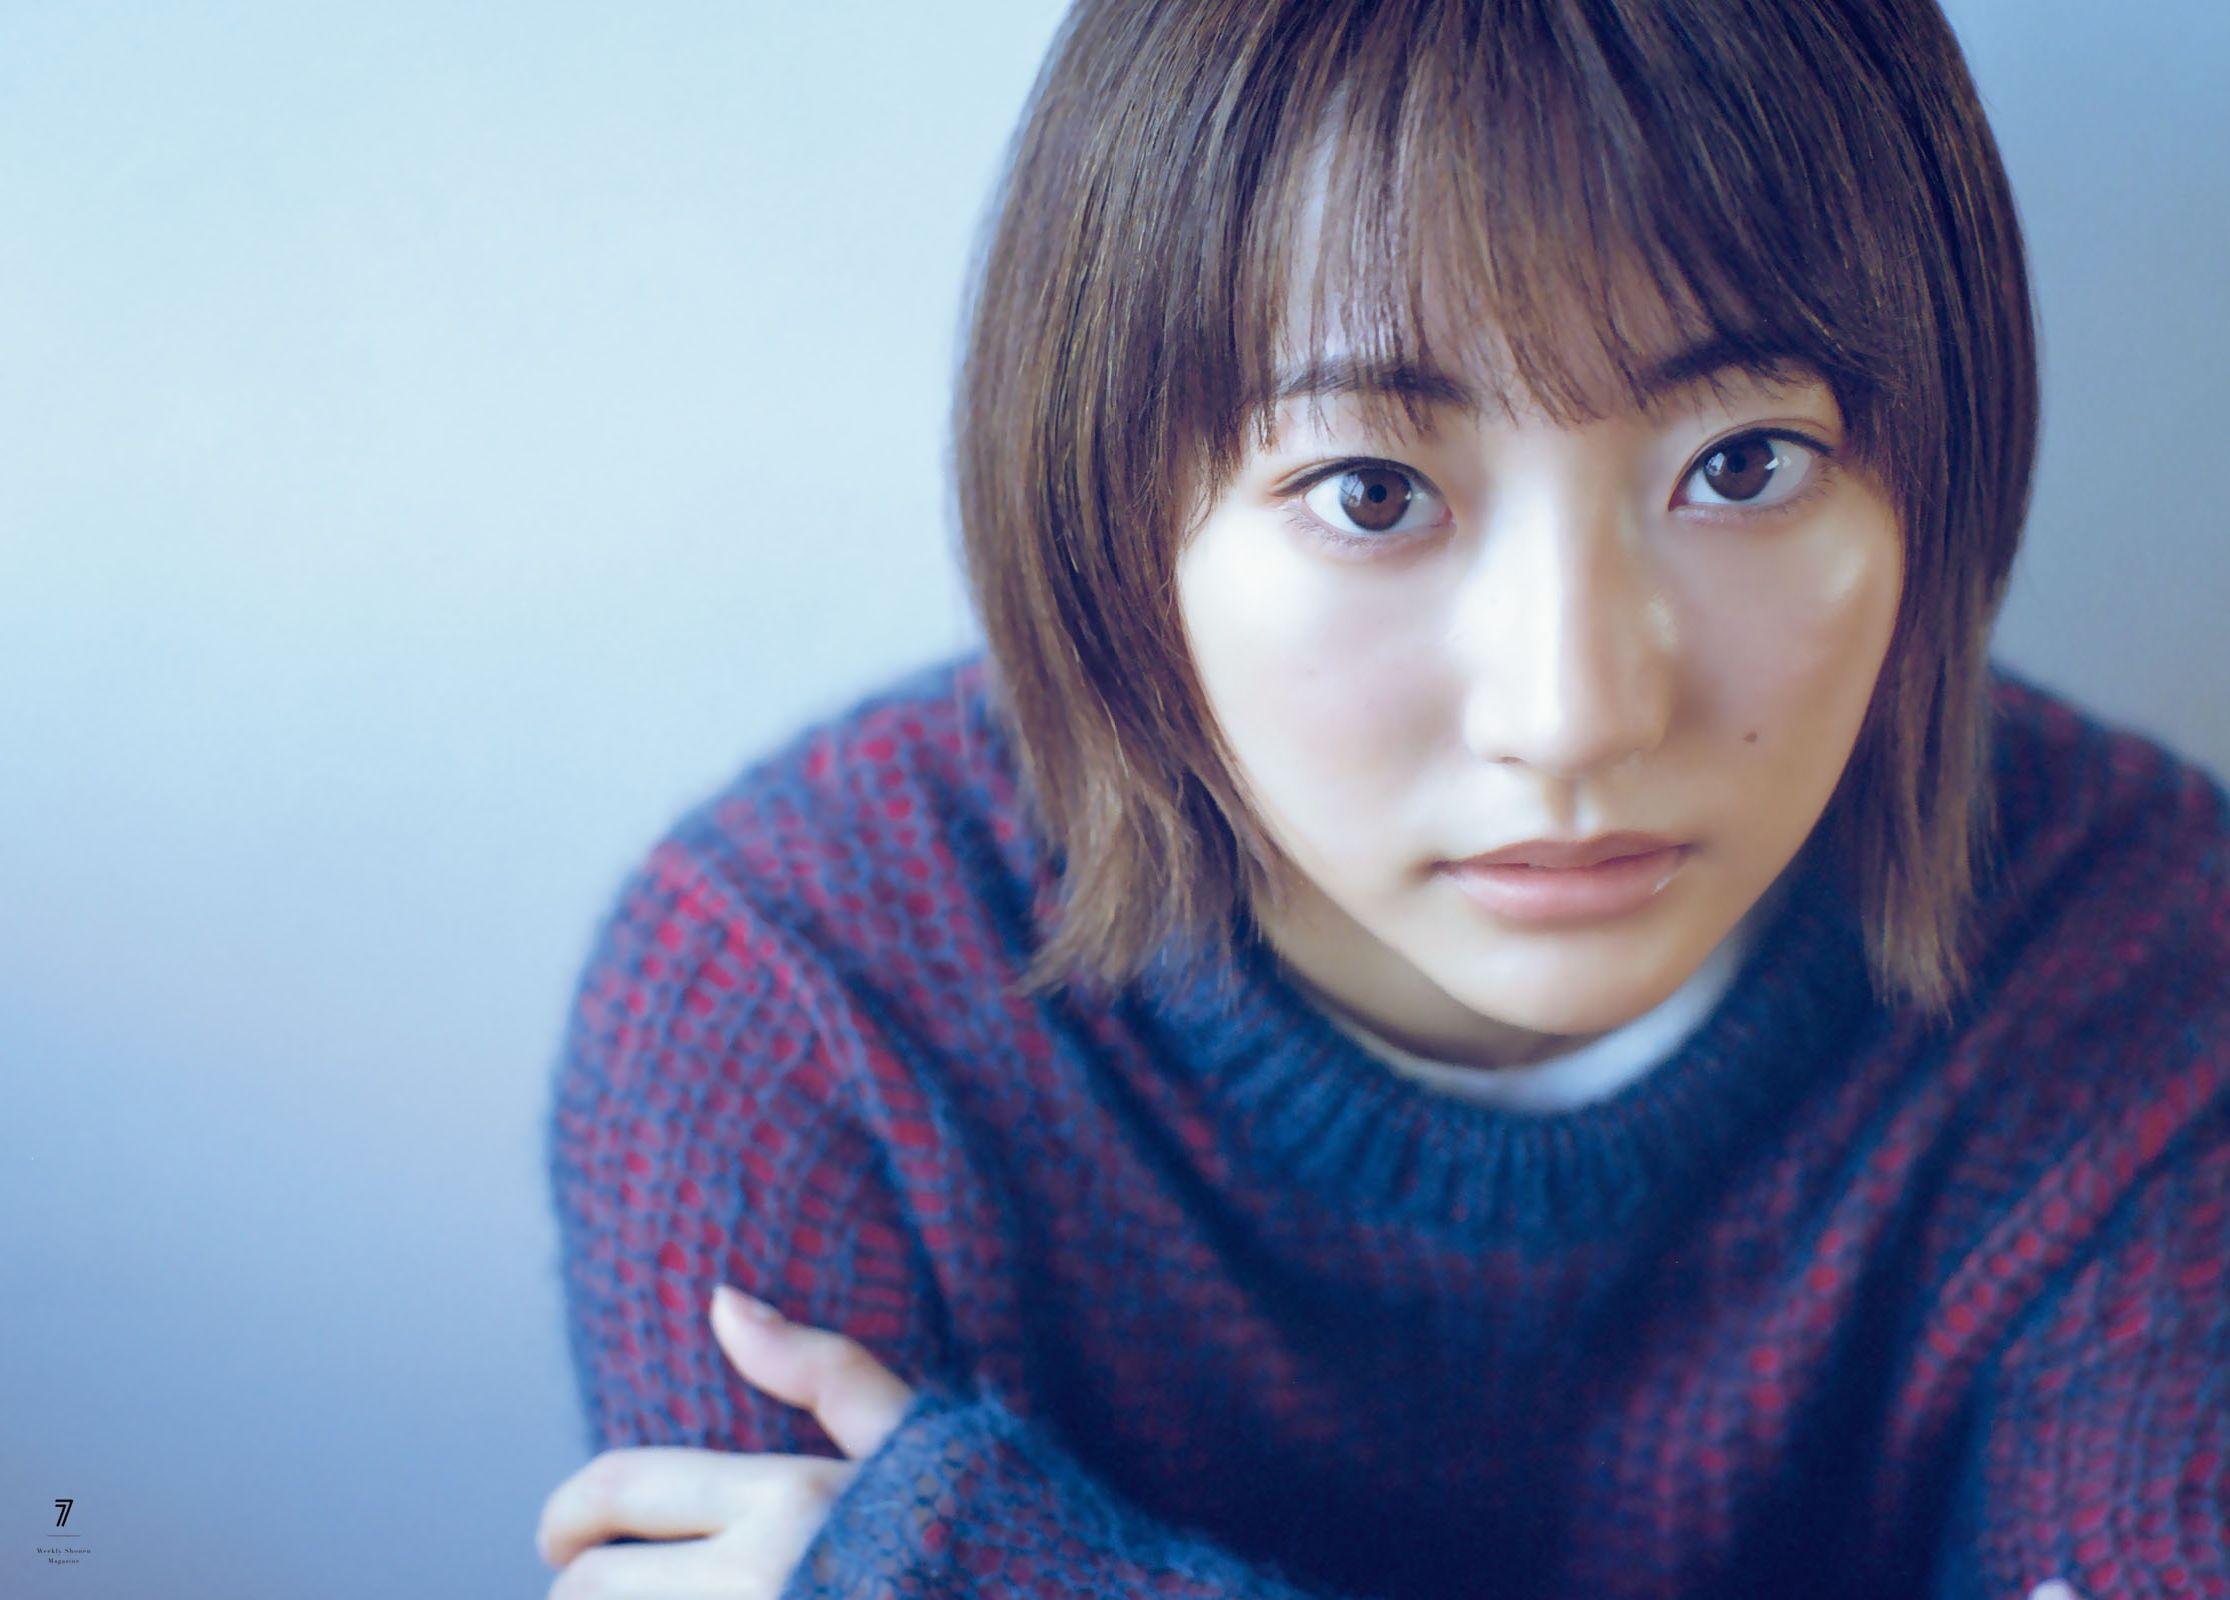 武田玲奈 Young Magazine